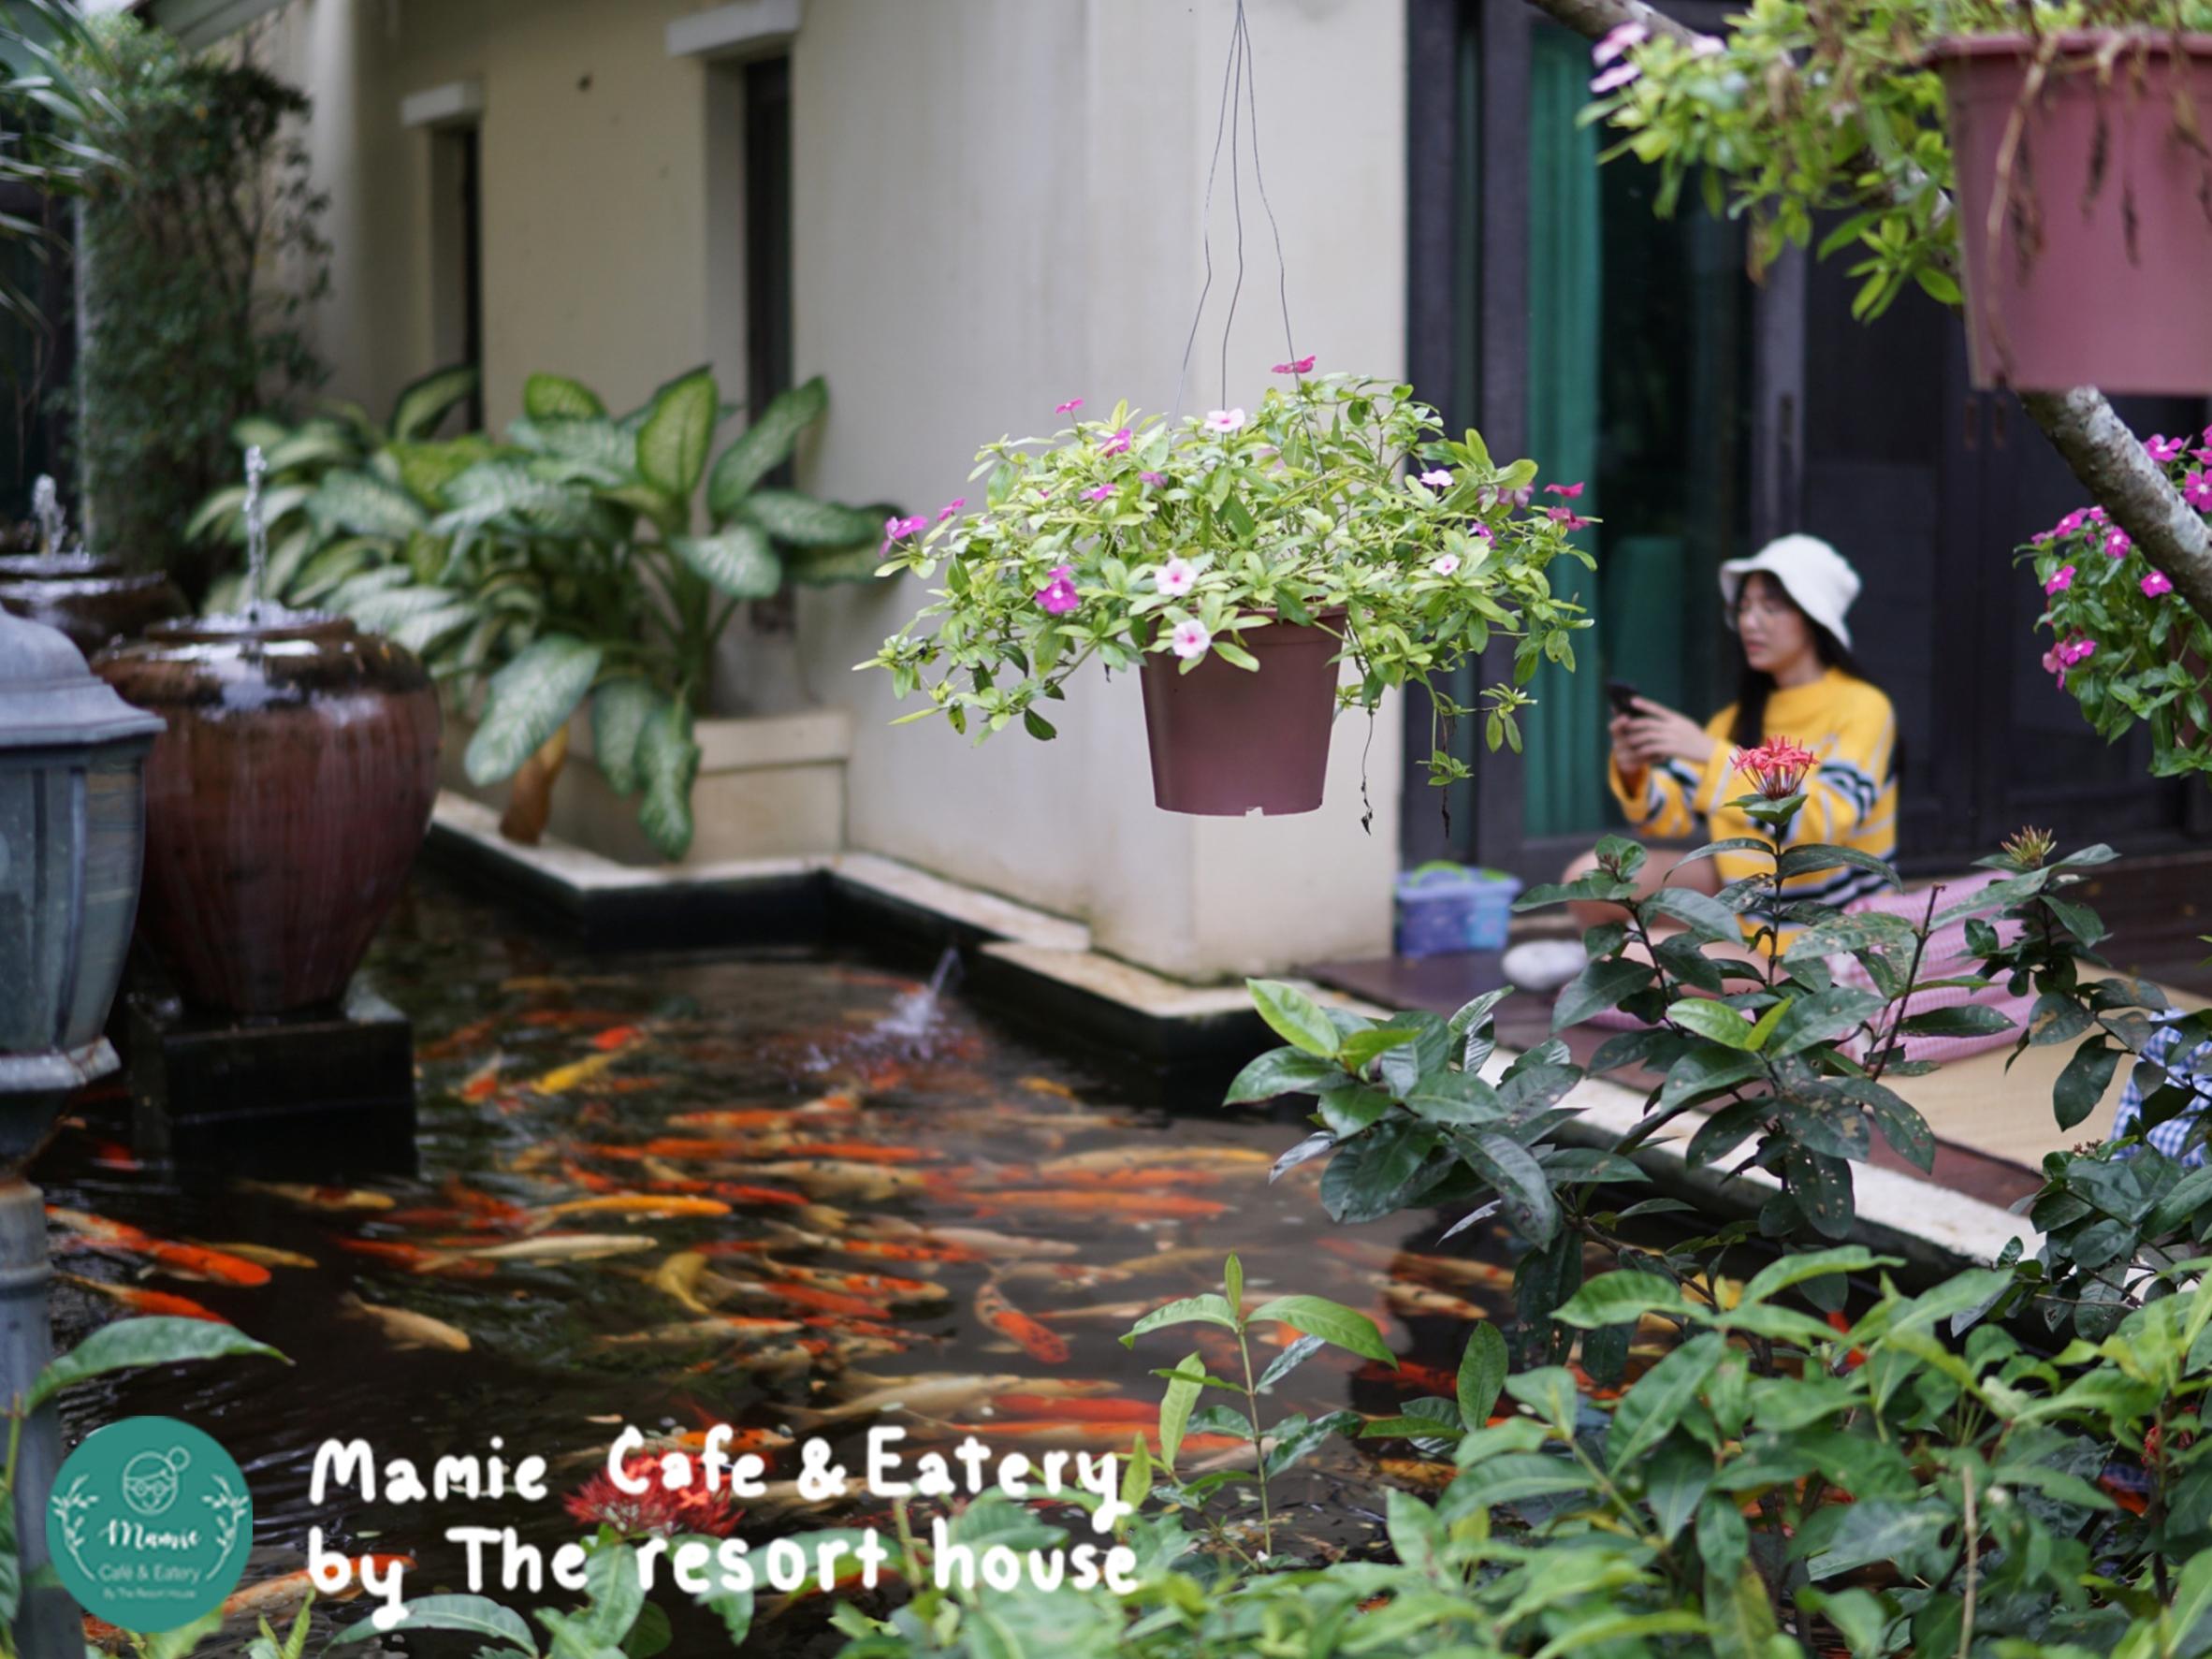 Mamie Café & Eatery